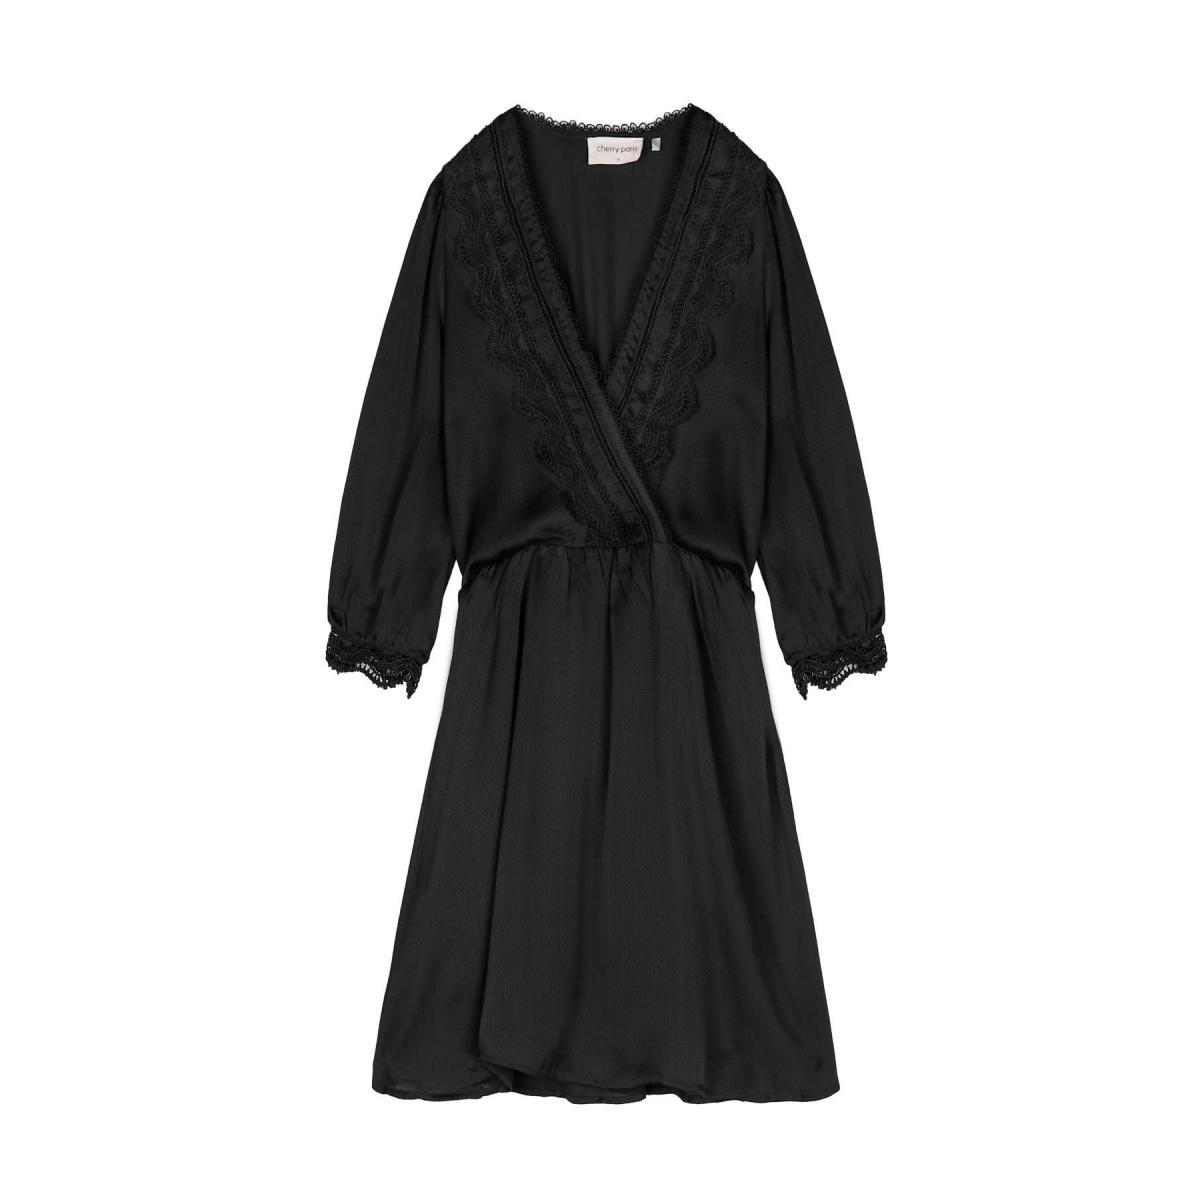 Robe courte femme NOIR